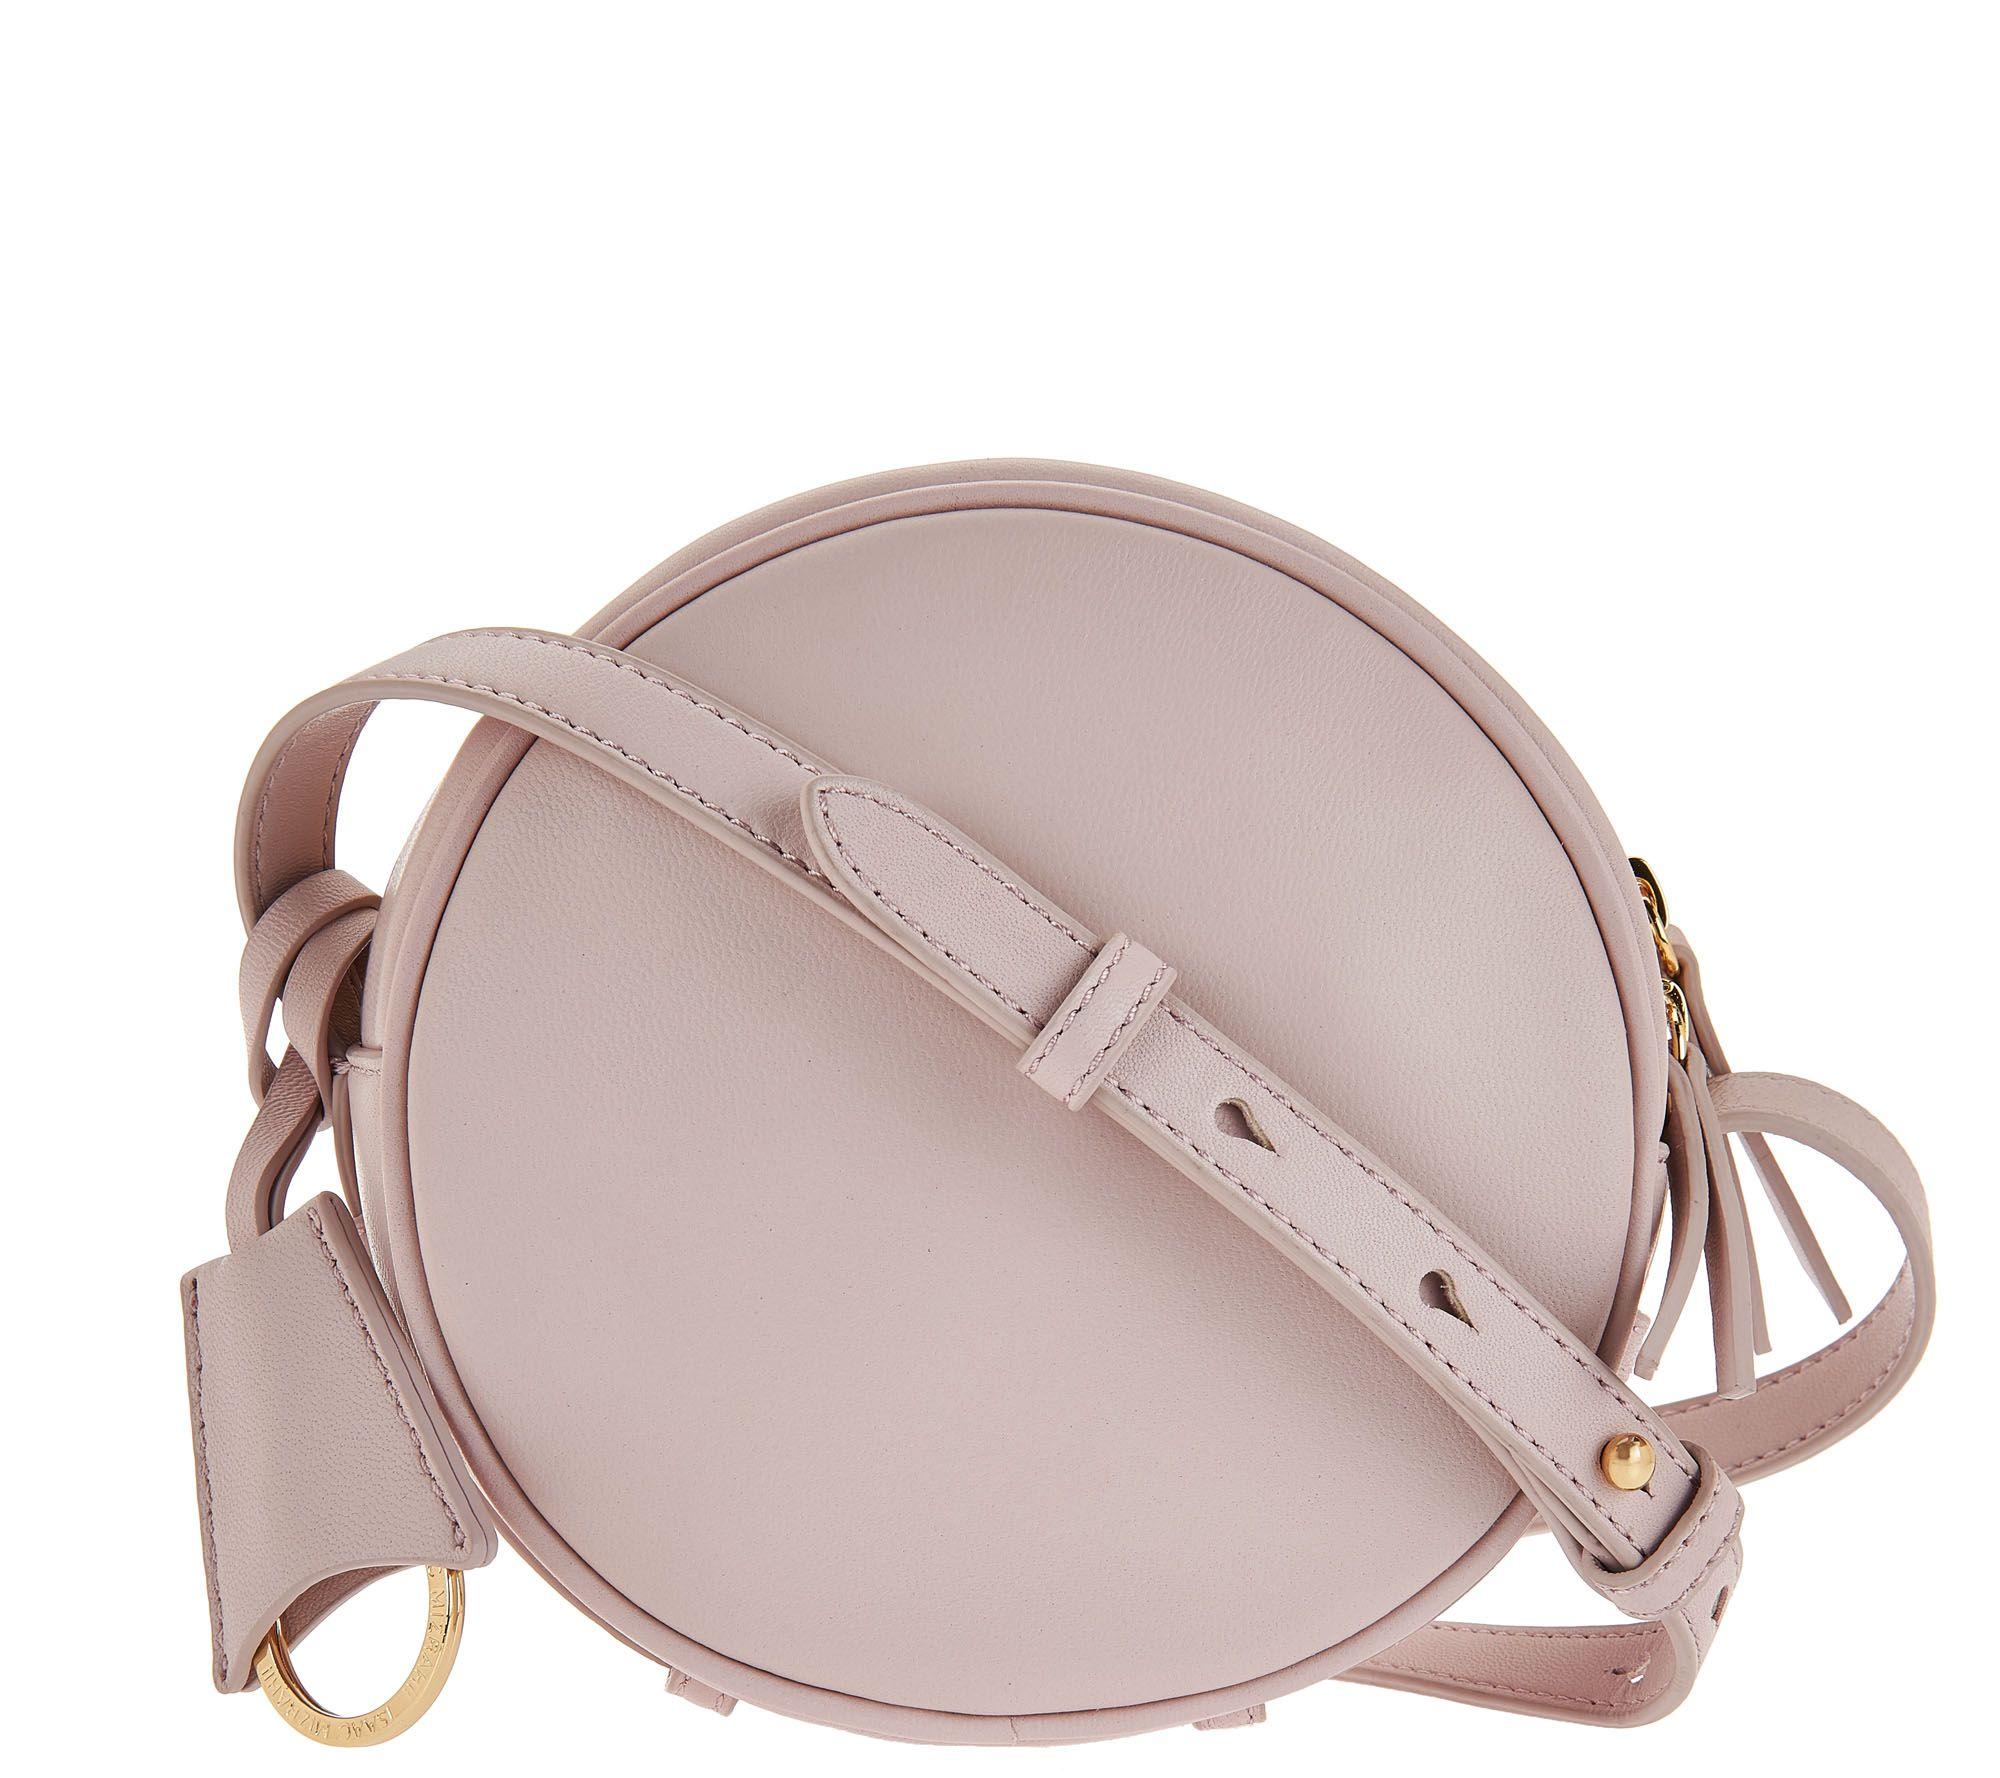 Nolita Lamb Leather Can Handbag Qvc